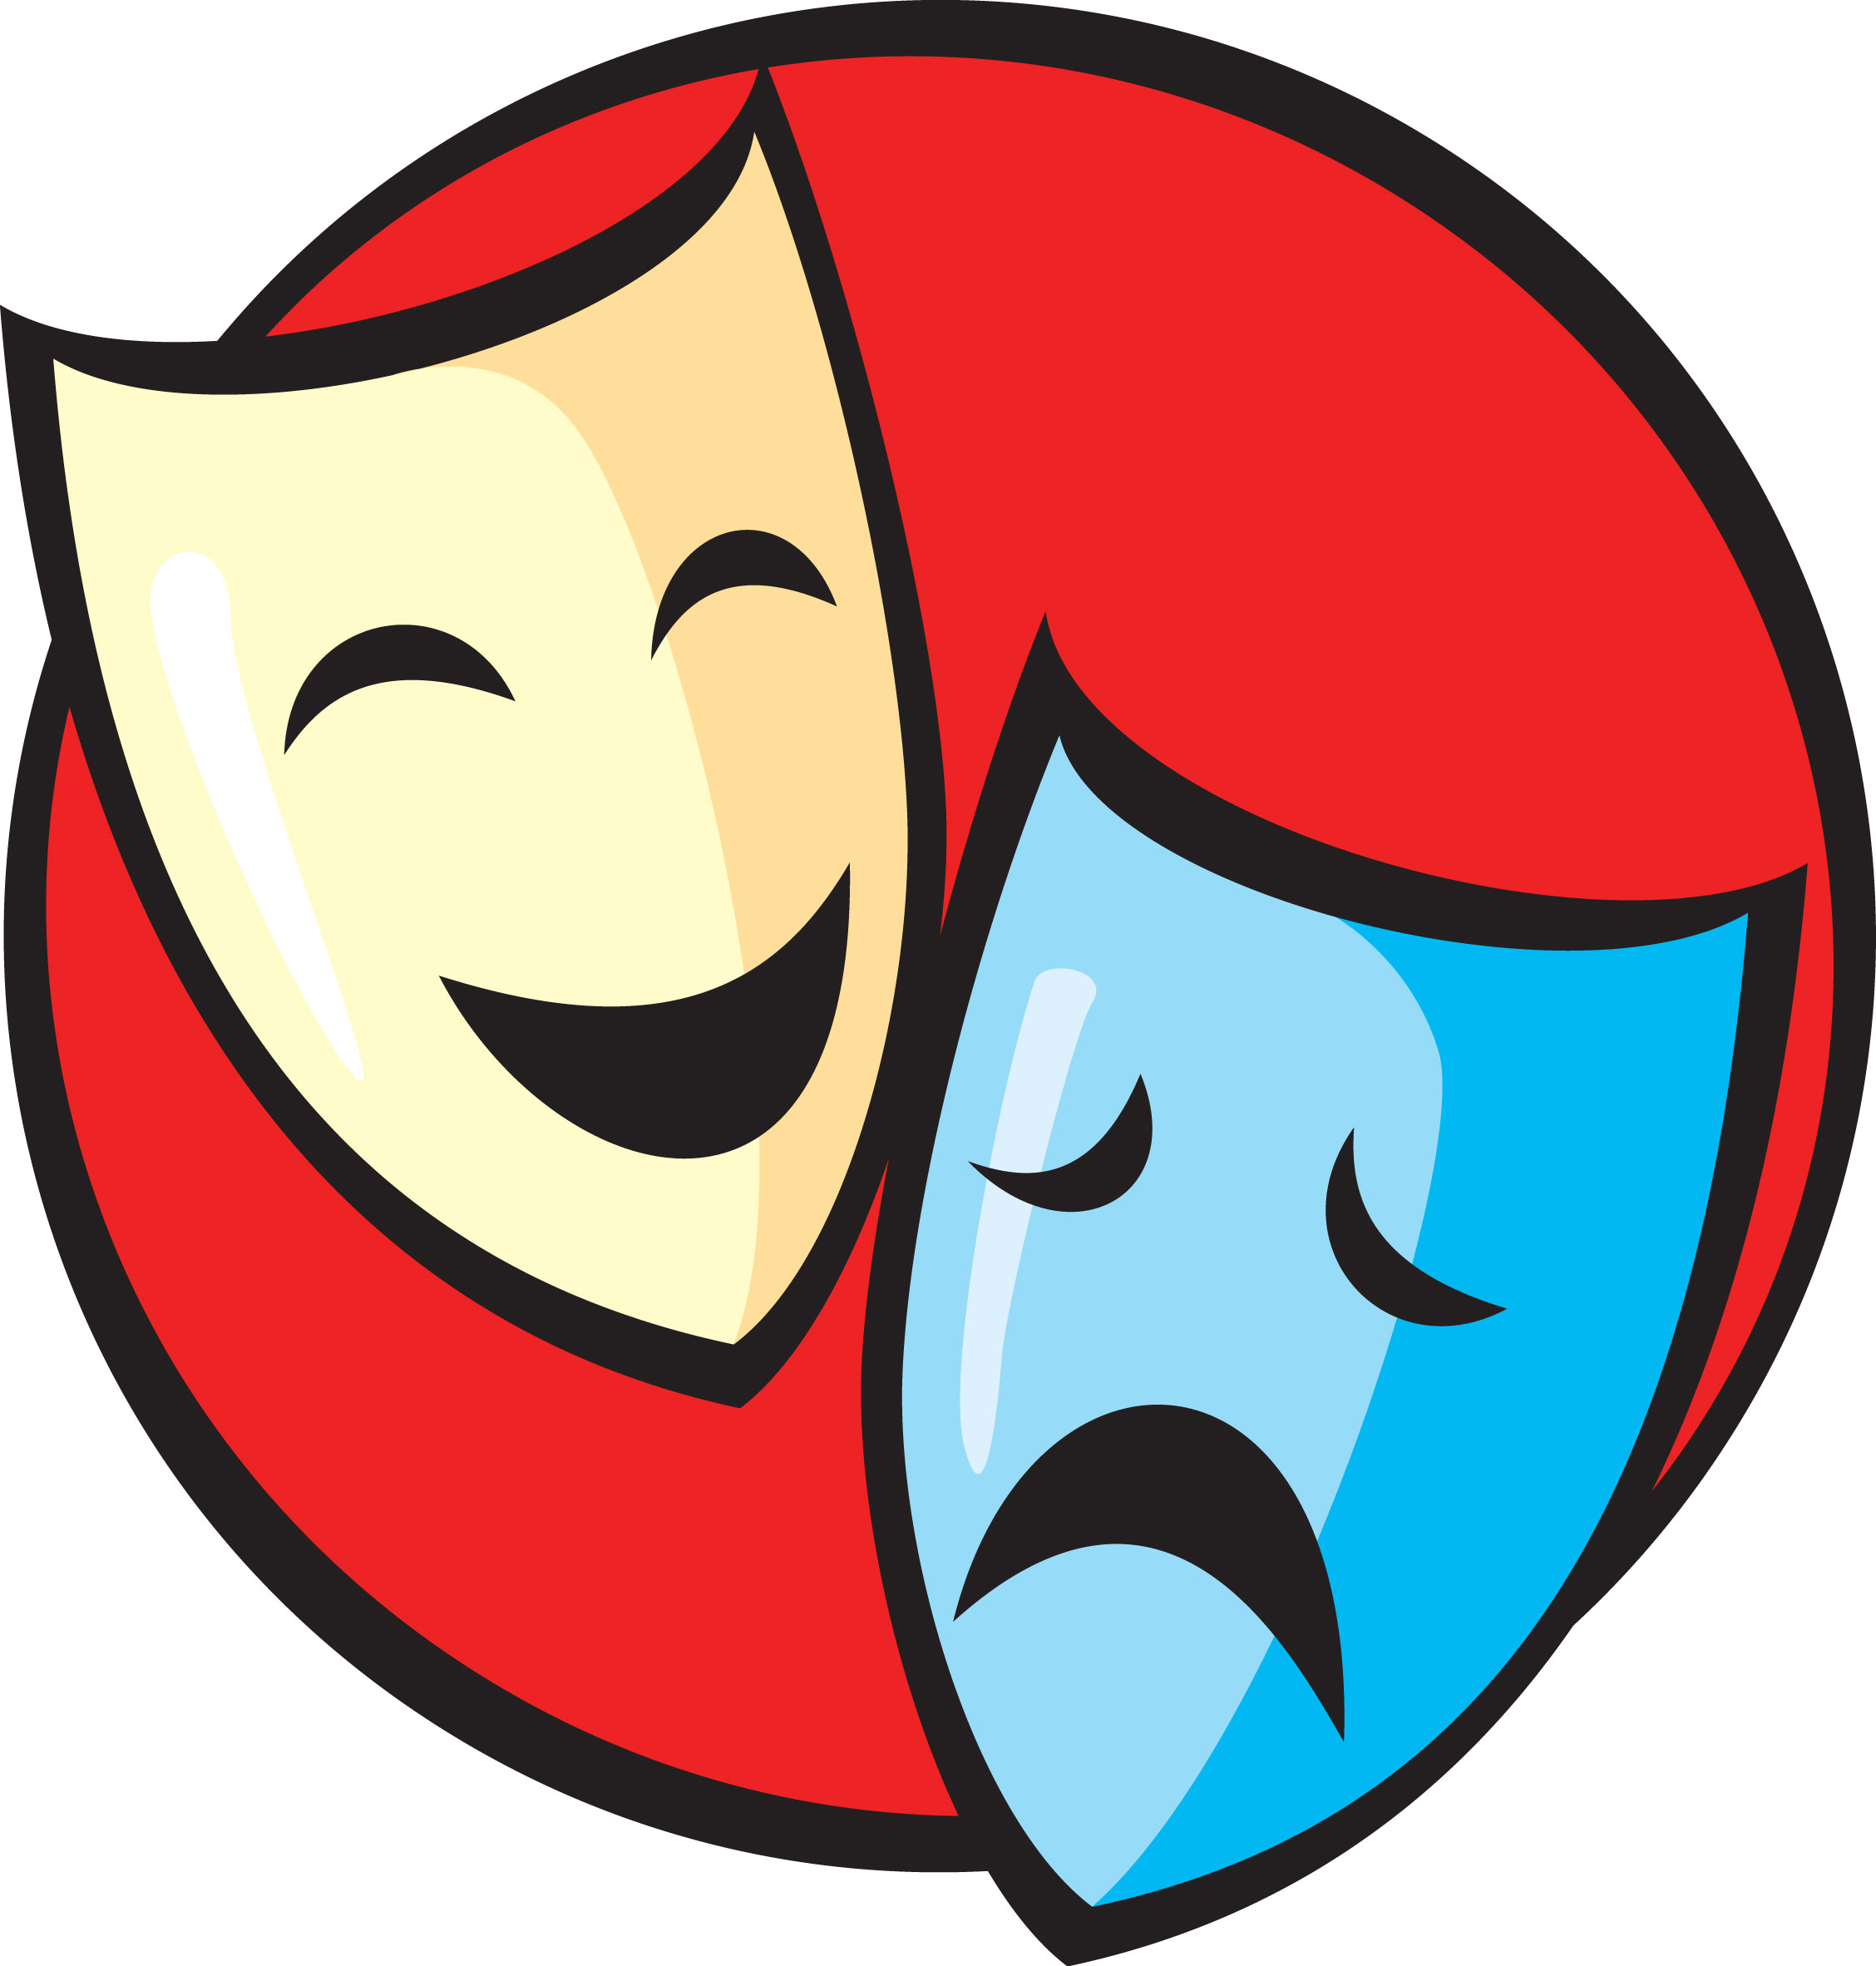 Theatre Masks Clipart.